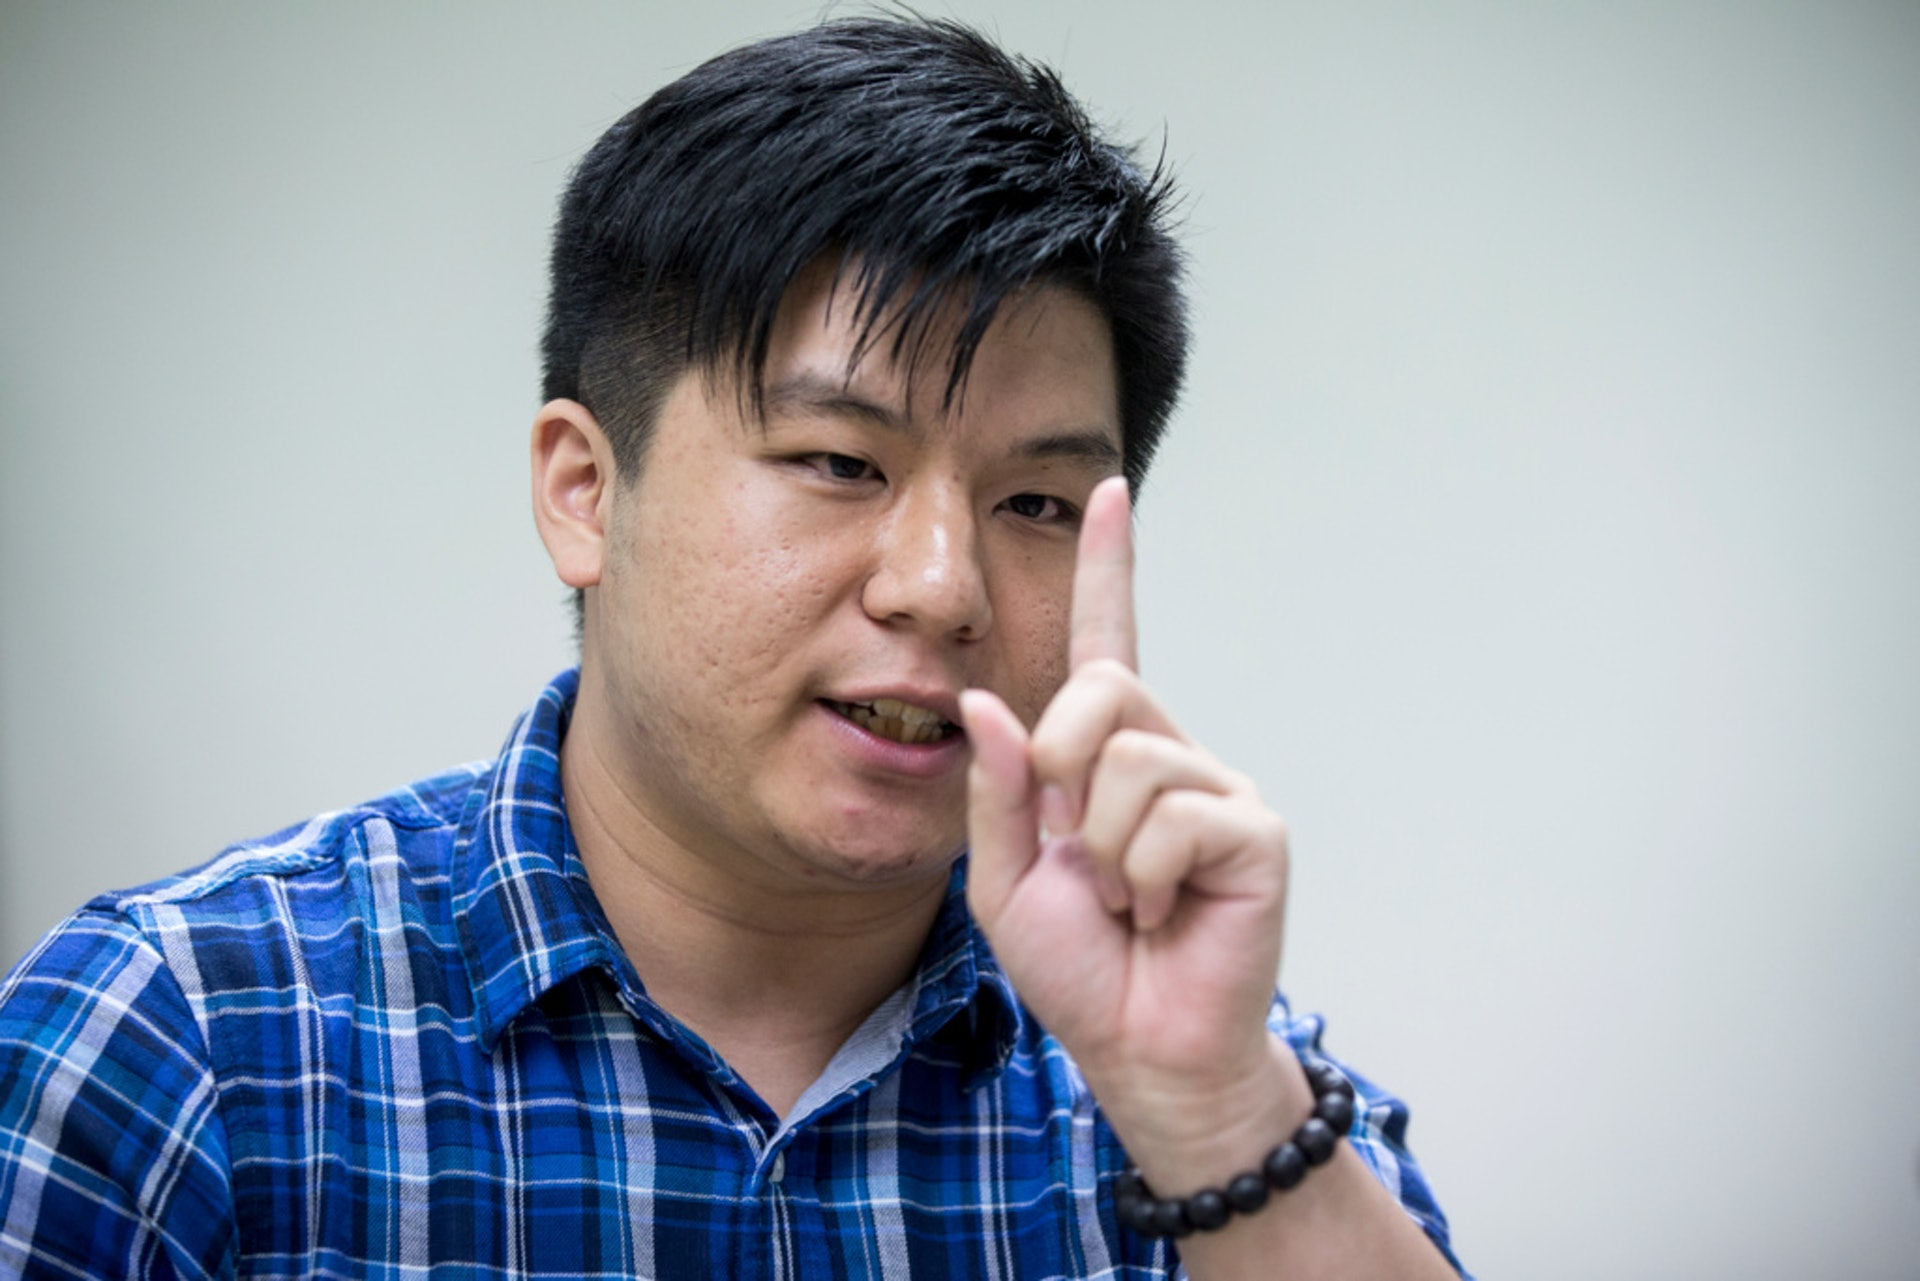 盧藝賢認為梁耀忠仍有一腔熱血,對他2020年連任充滿信心。(羅君攝)